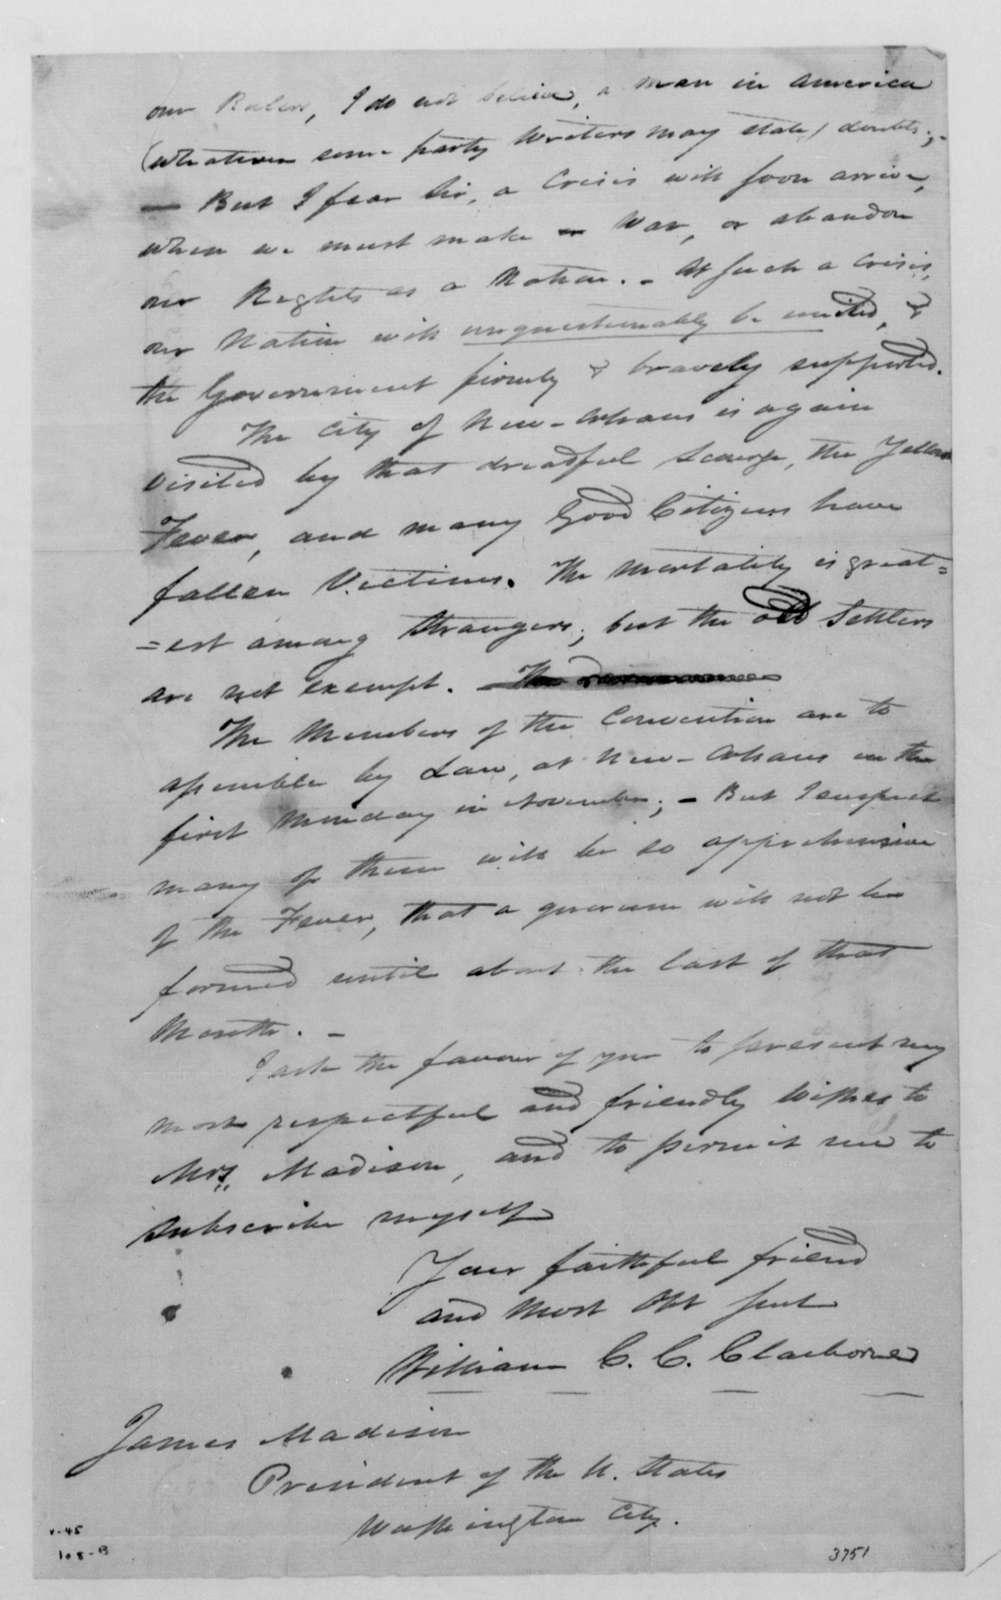 William C. C. Claiborne to James Madison, October 8, 1811.